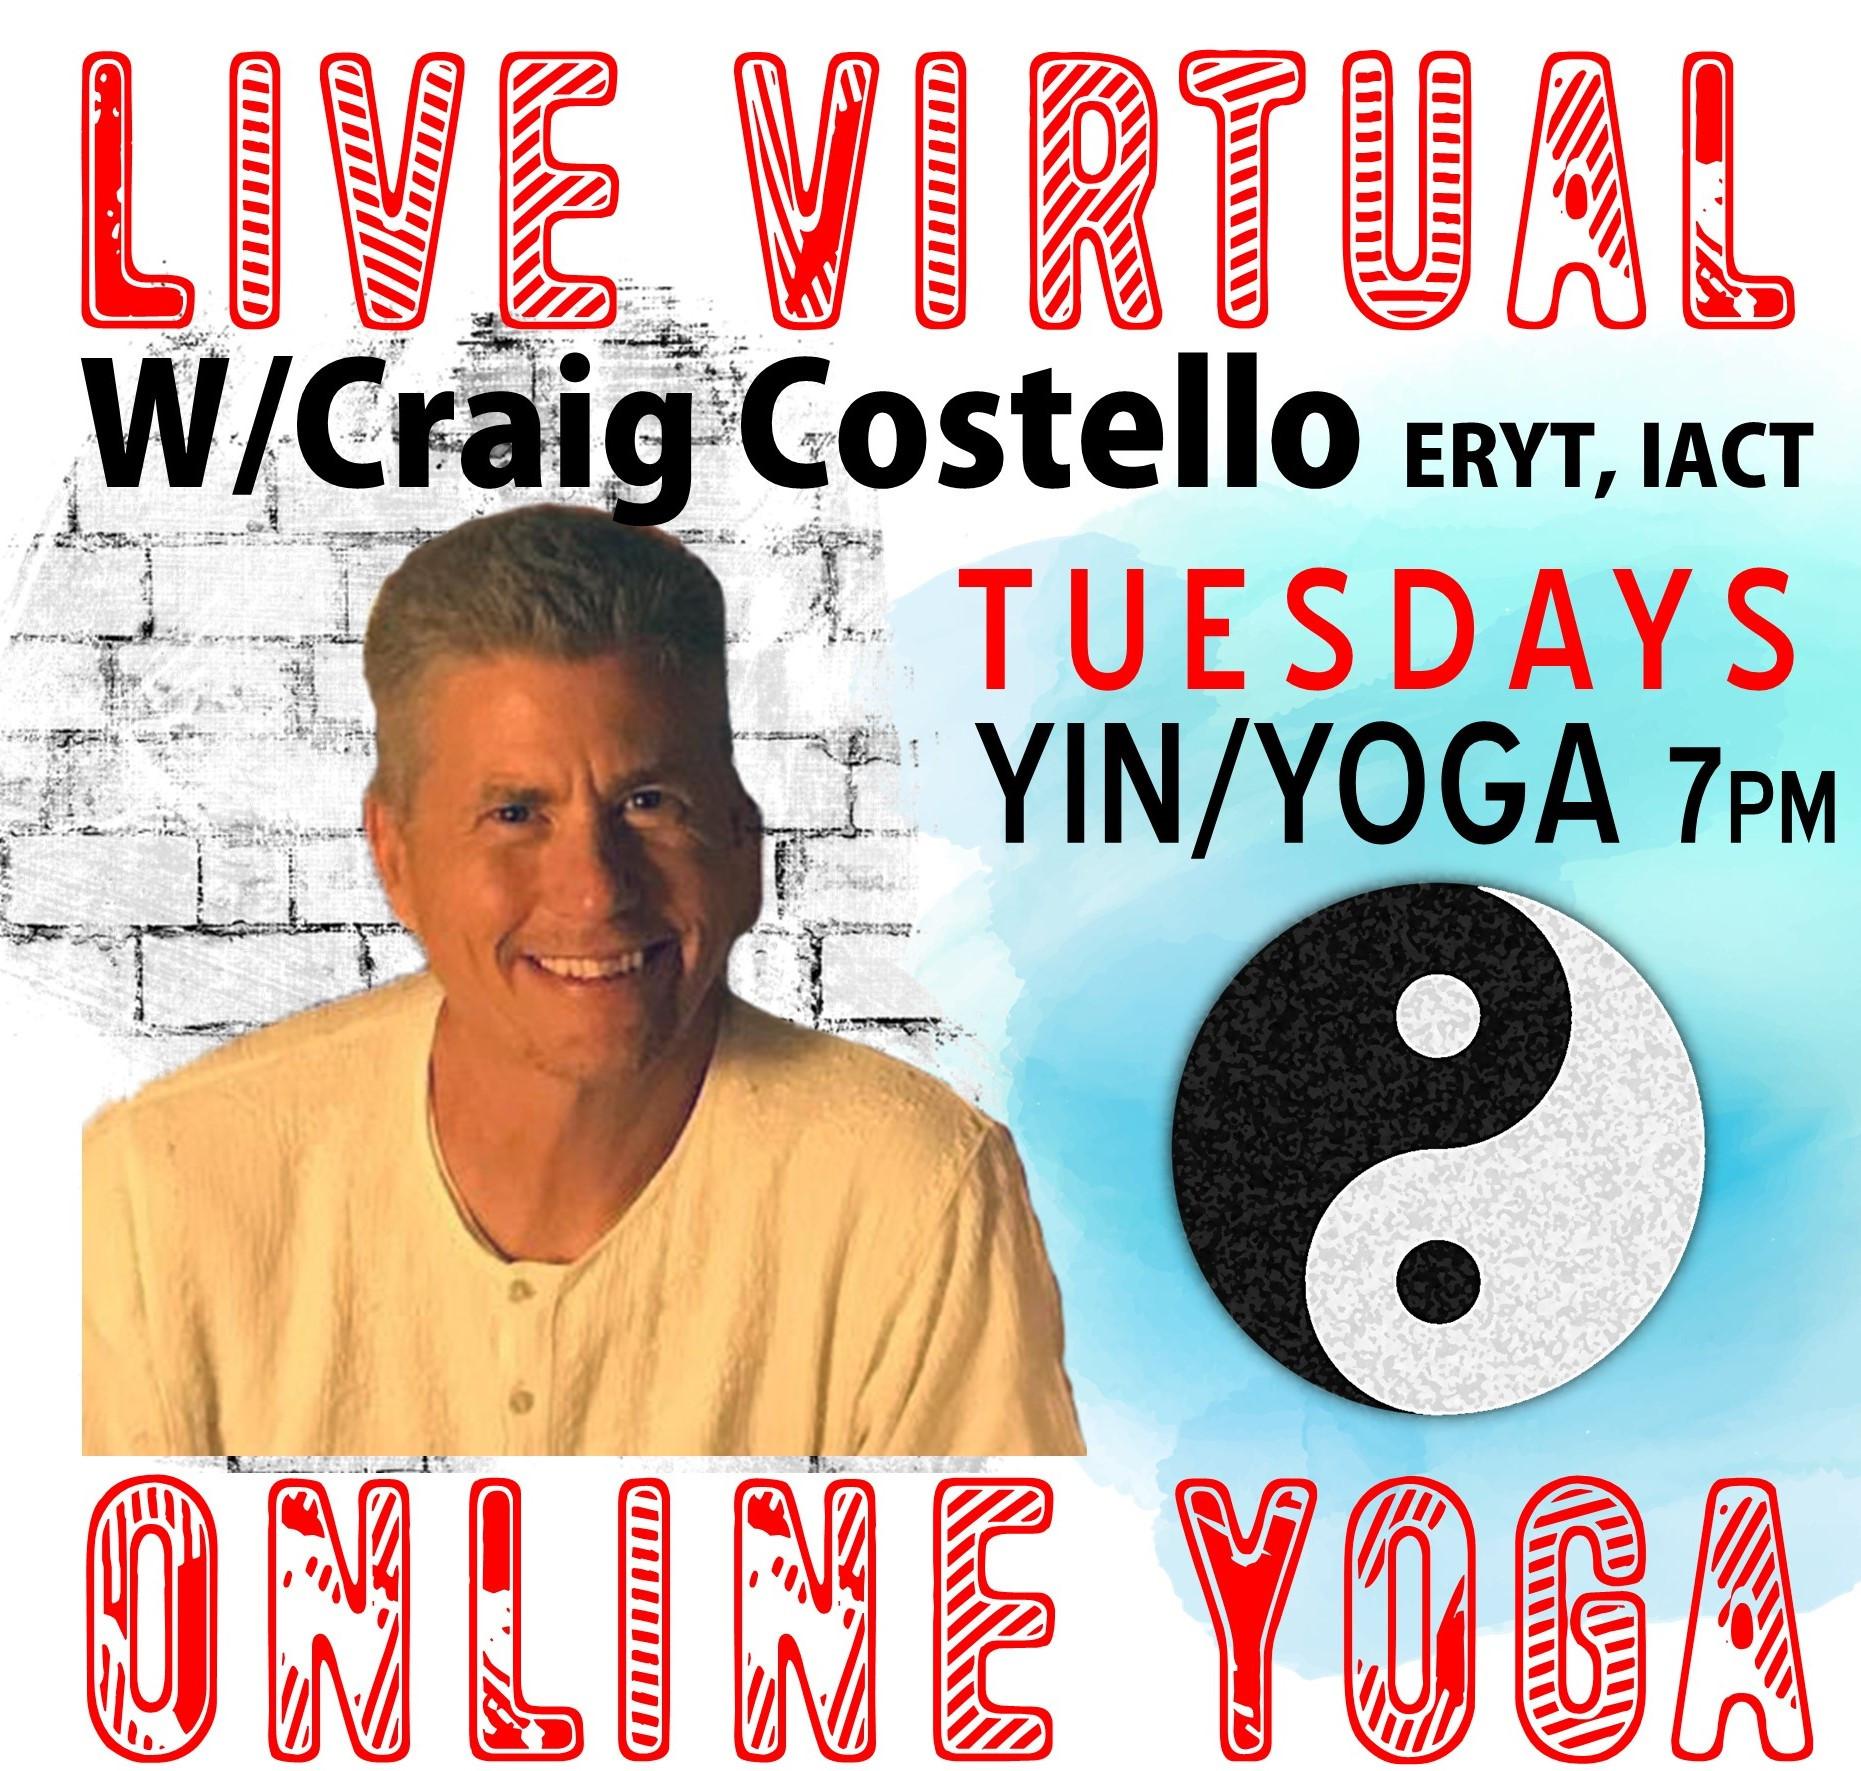 Yin Yoga W/Craig Costello